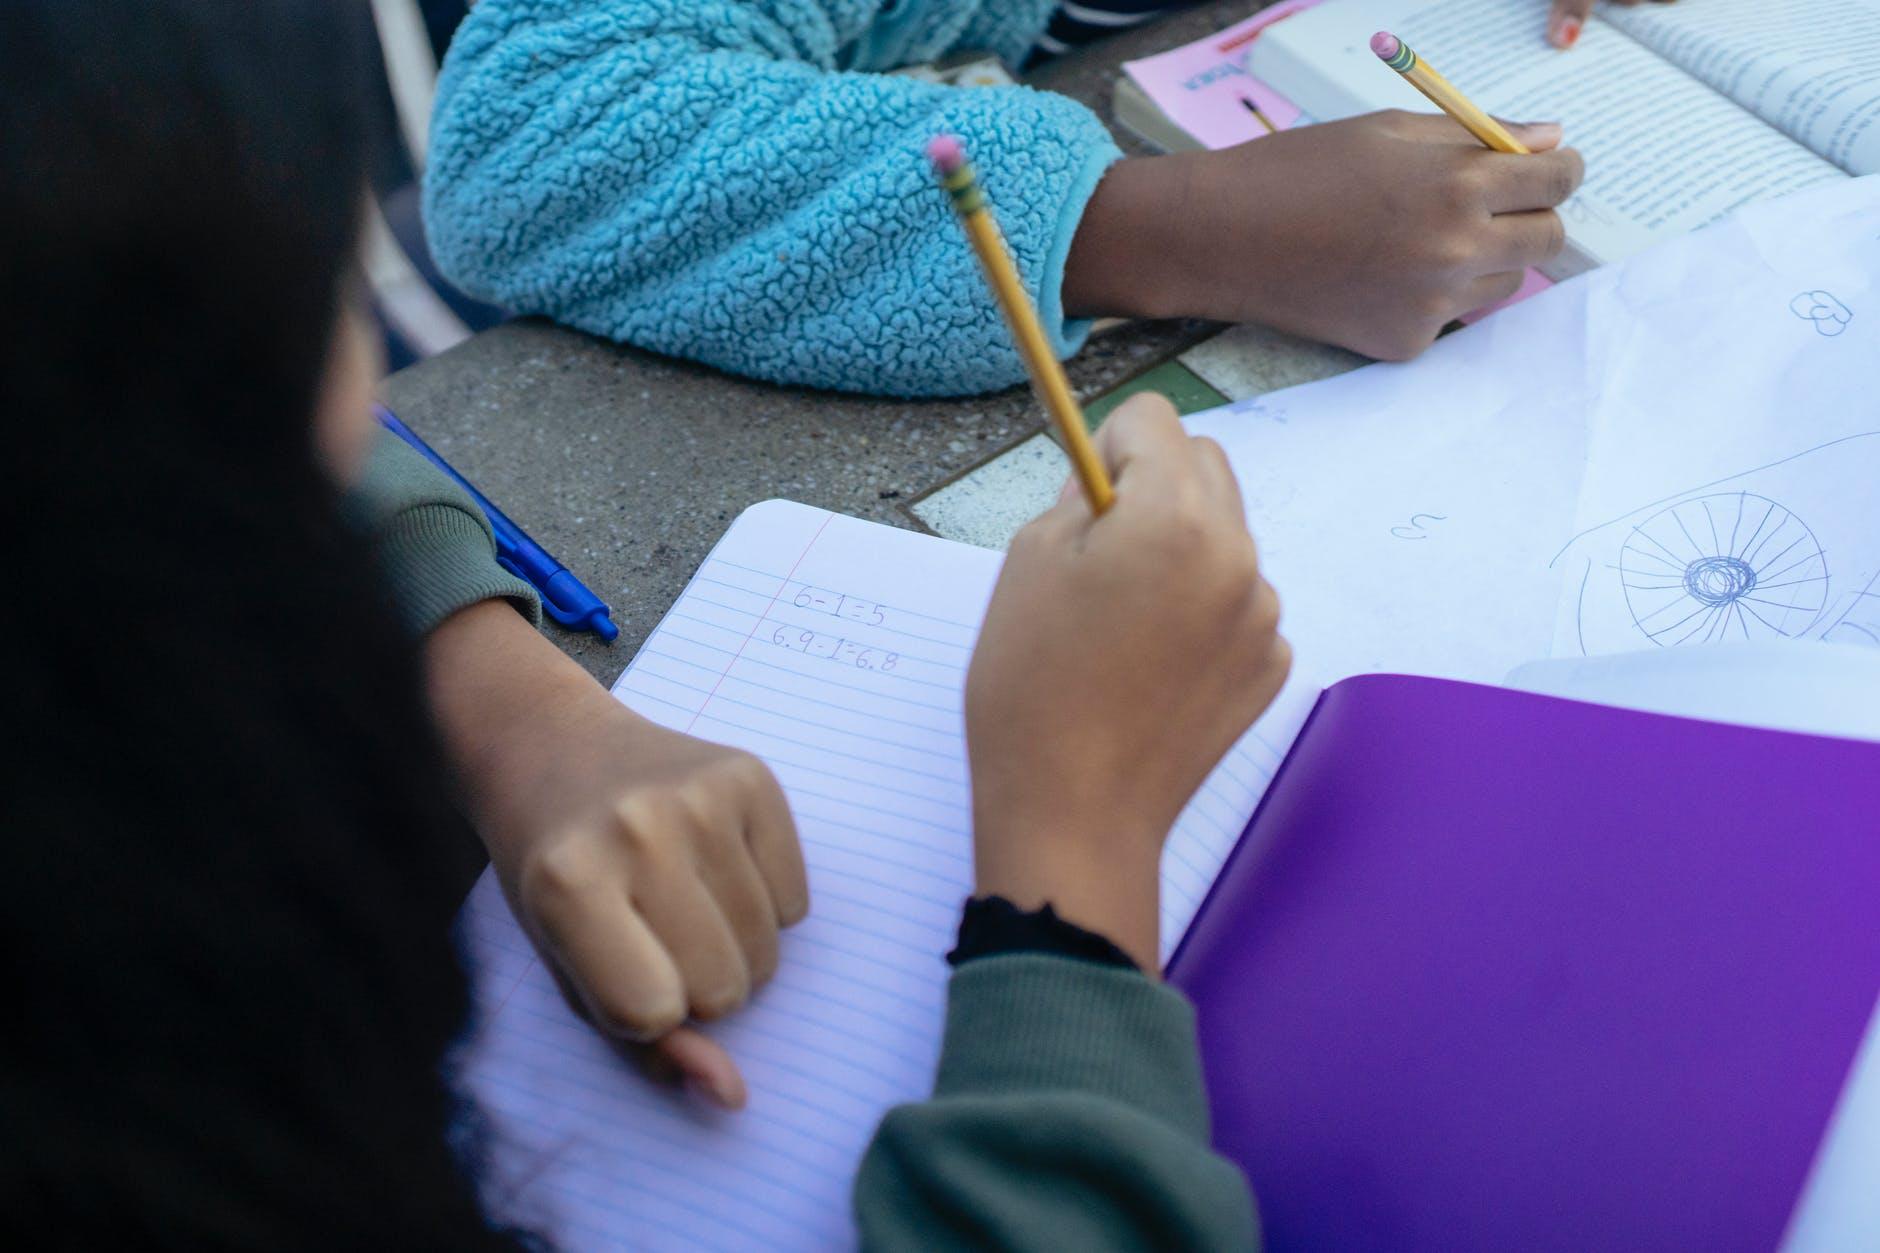 Lavoro nella scuola: 24 CFU e abilitazione all'insegnamento